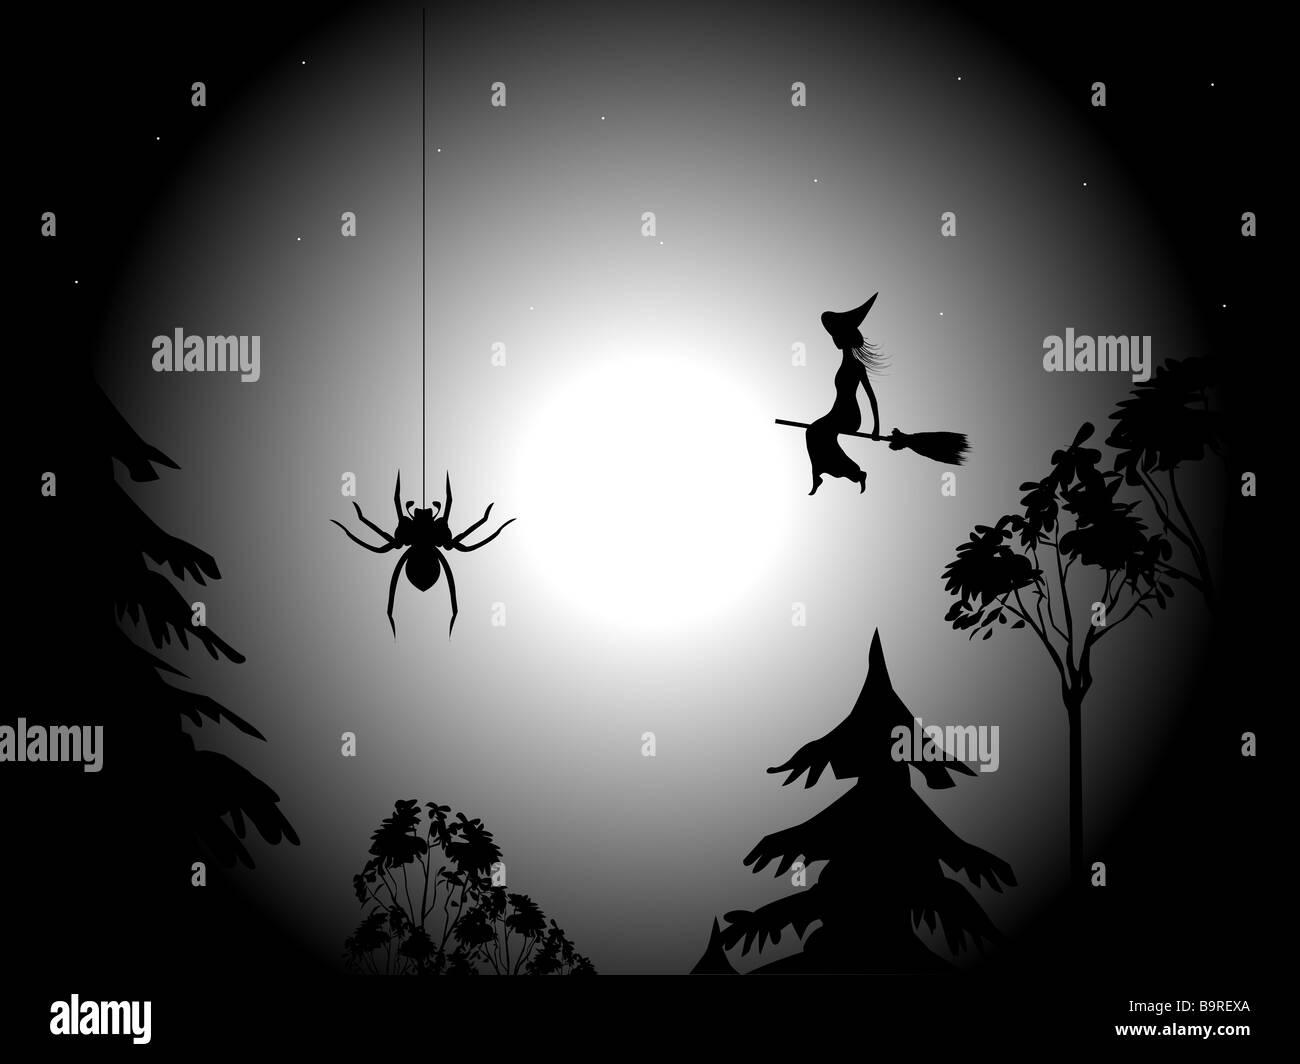 Una strega in volo su uno sfondo di la luna la stella del cielo e cime di alberi Immagini Stock